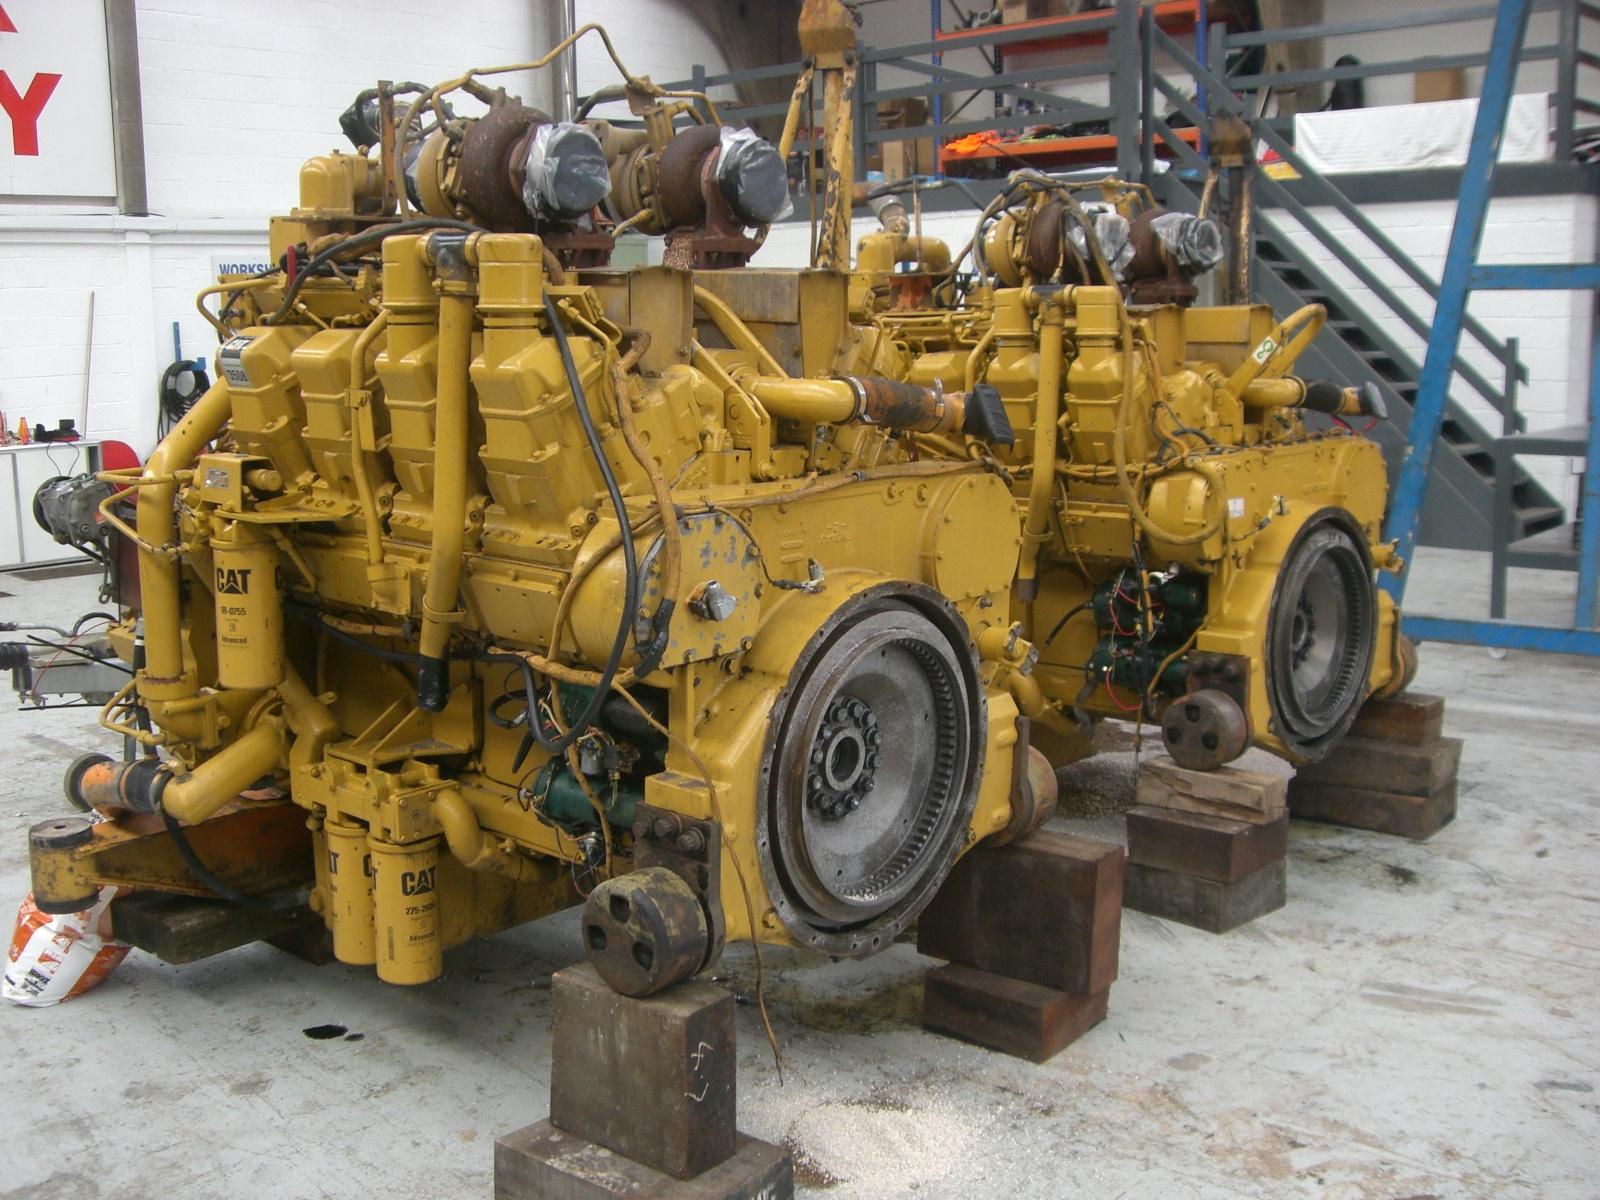 Dismantling Cat 777b Dumper Trucks